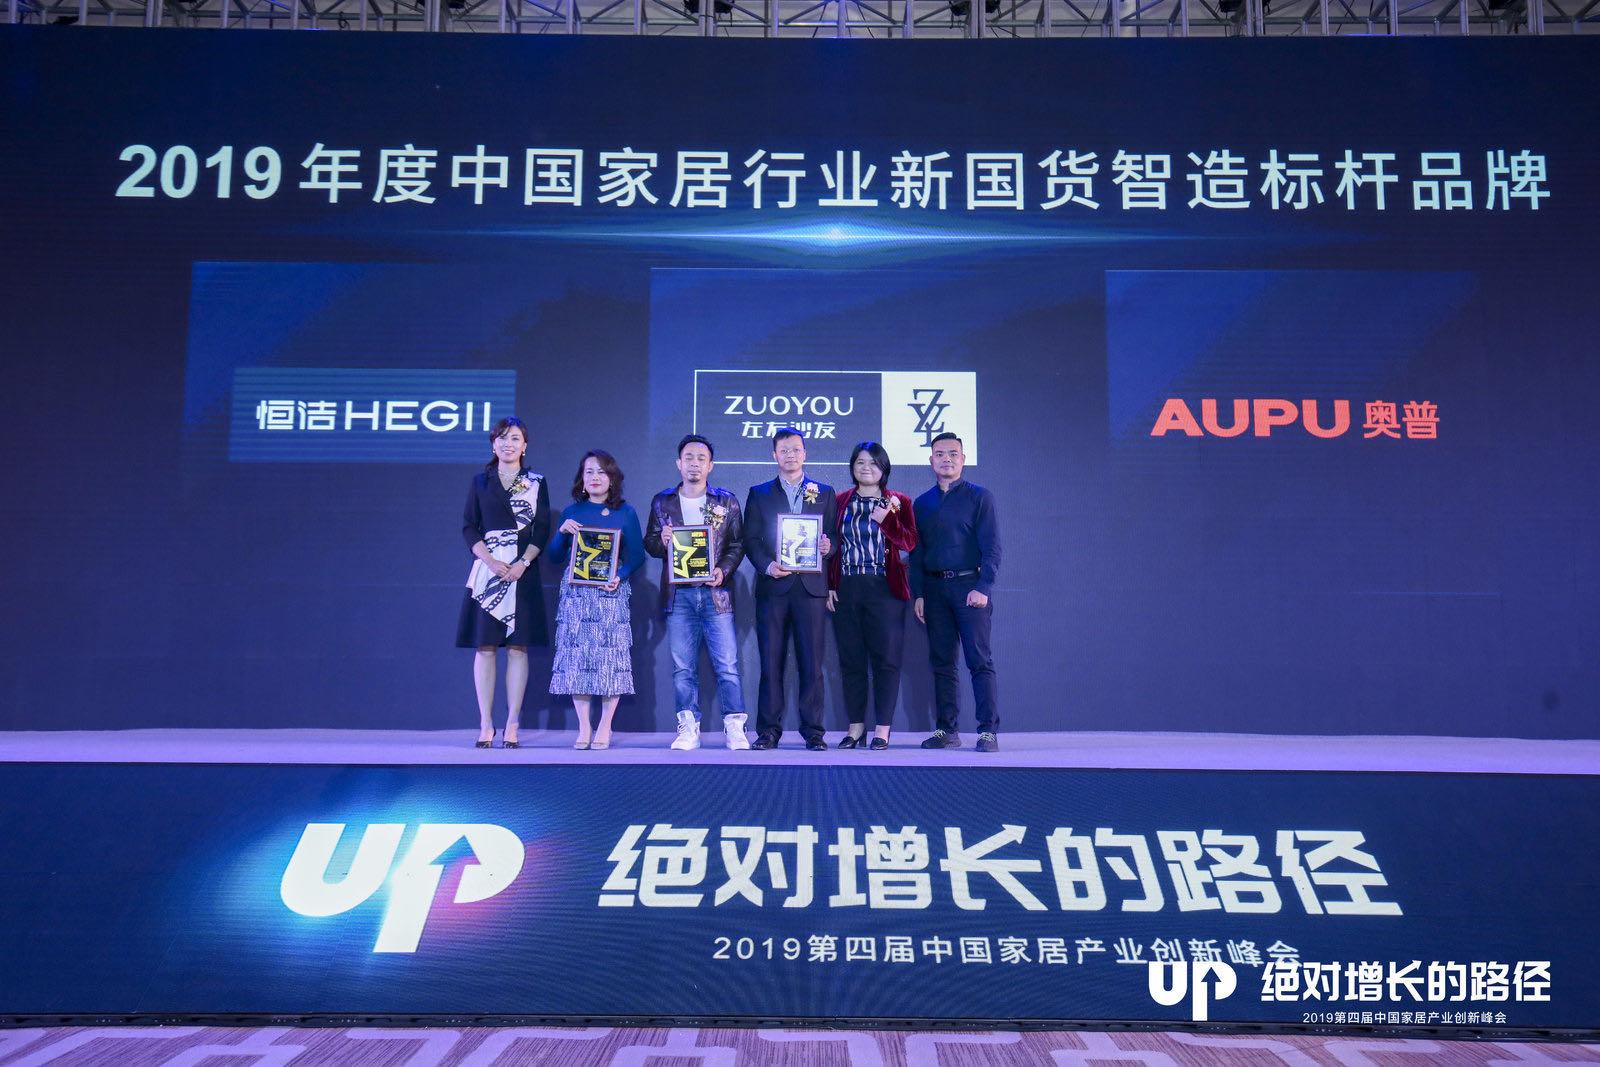 捷报频传 | 奥普六款产品获得2019年度中国家居产业产品奖